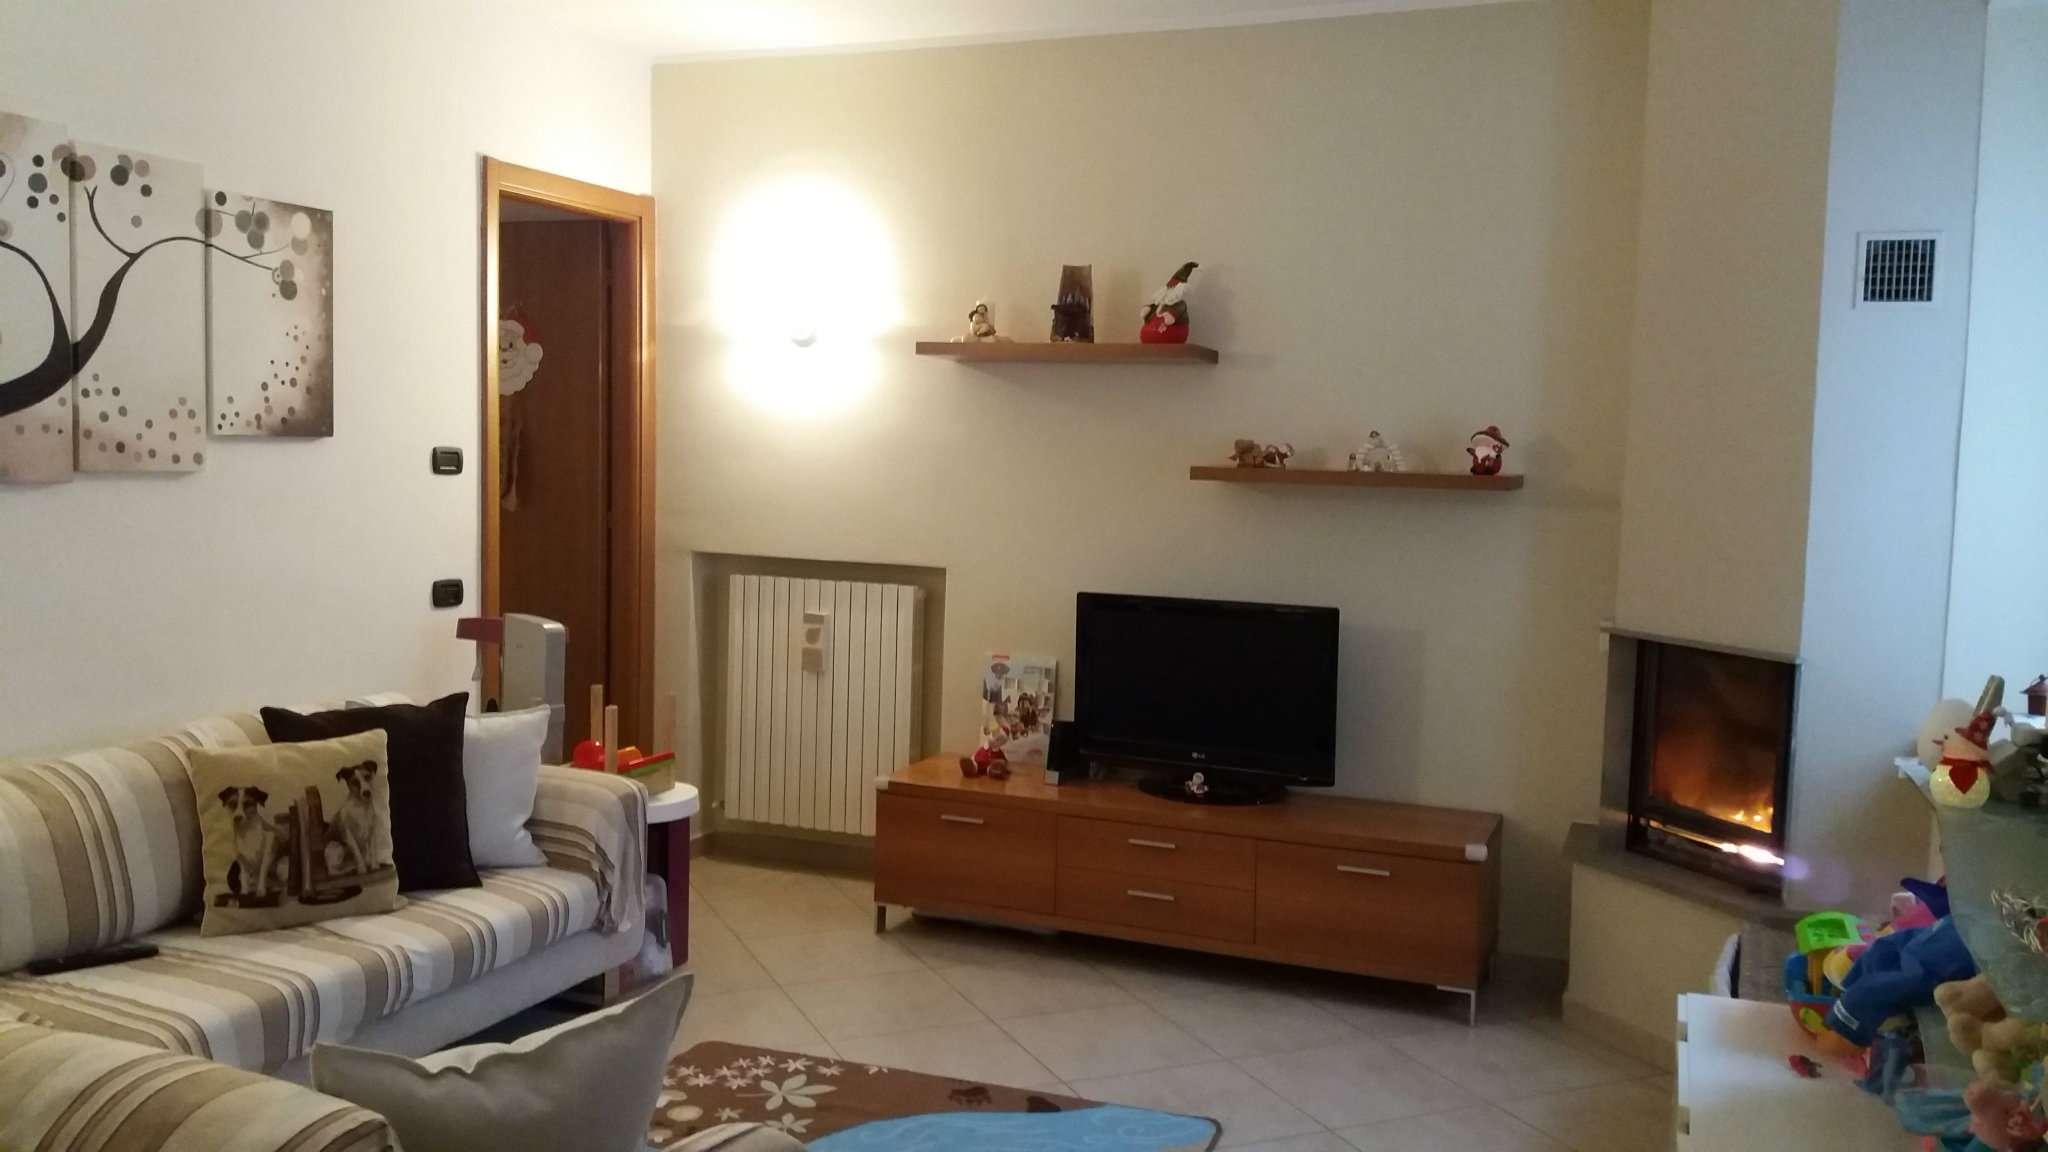 Soluzione Indipendente in vendita a San Colombano al Lambro, 4 locali, prezzo € 205.000 | Cambio Casa.it